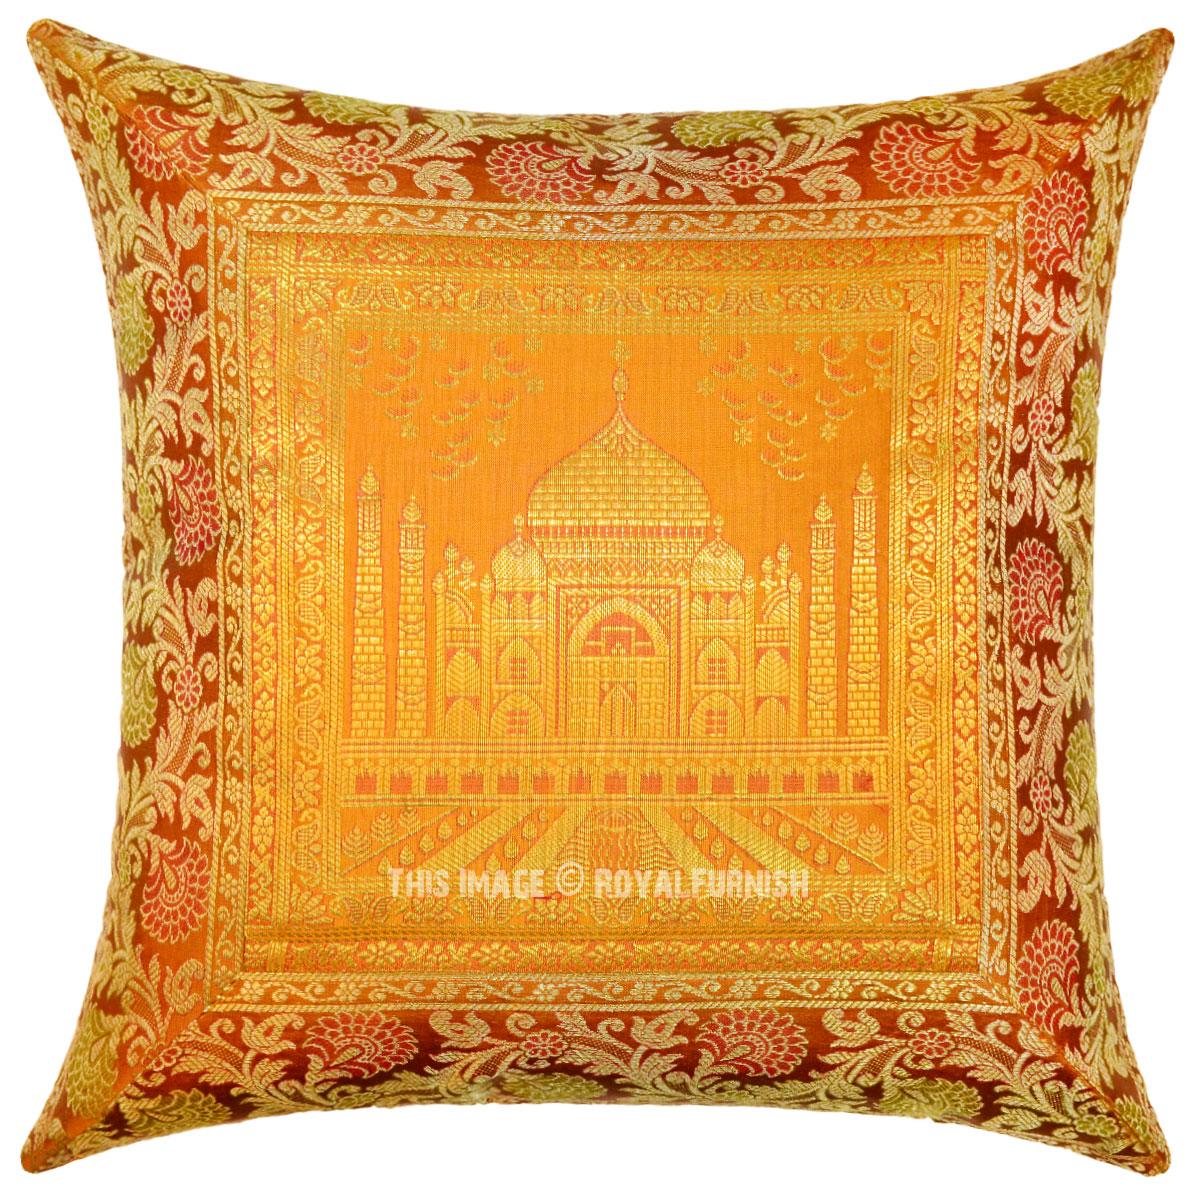 gold sofa throw pillows crate and barrel great giveaway color decorative boho accent tajmahal silk